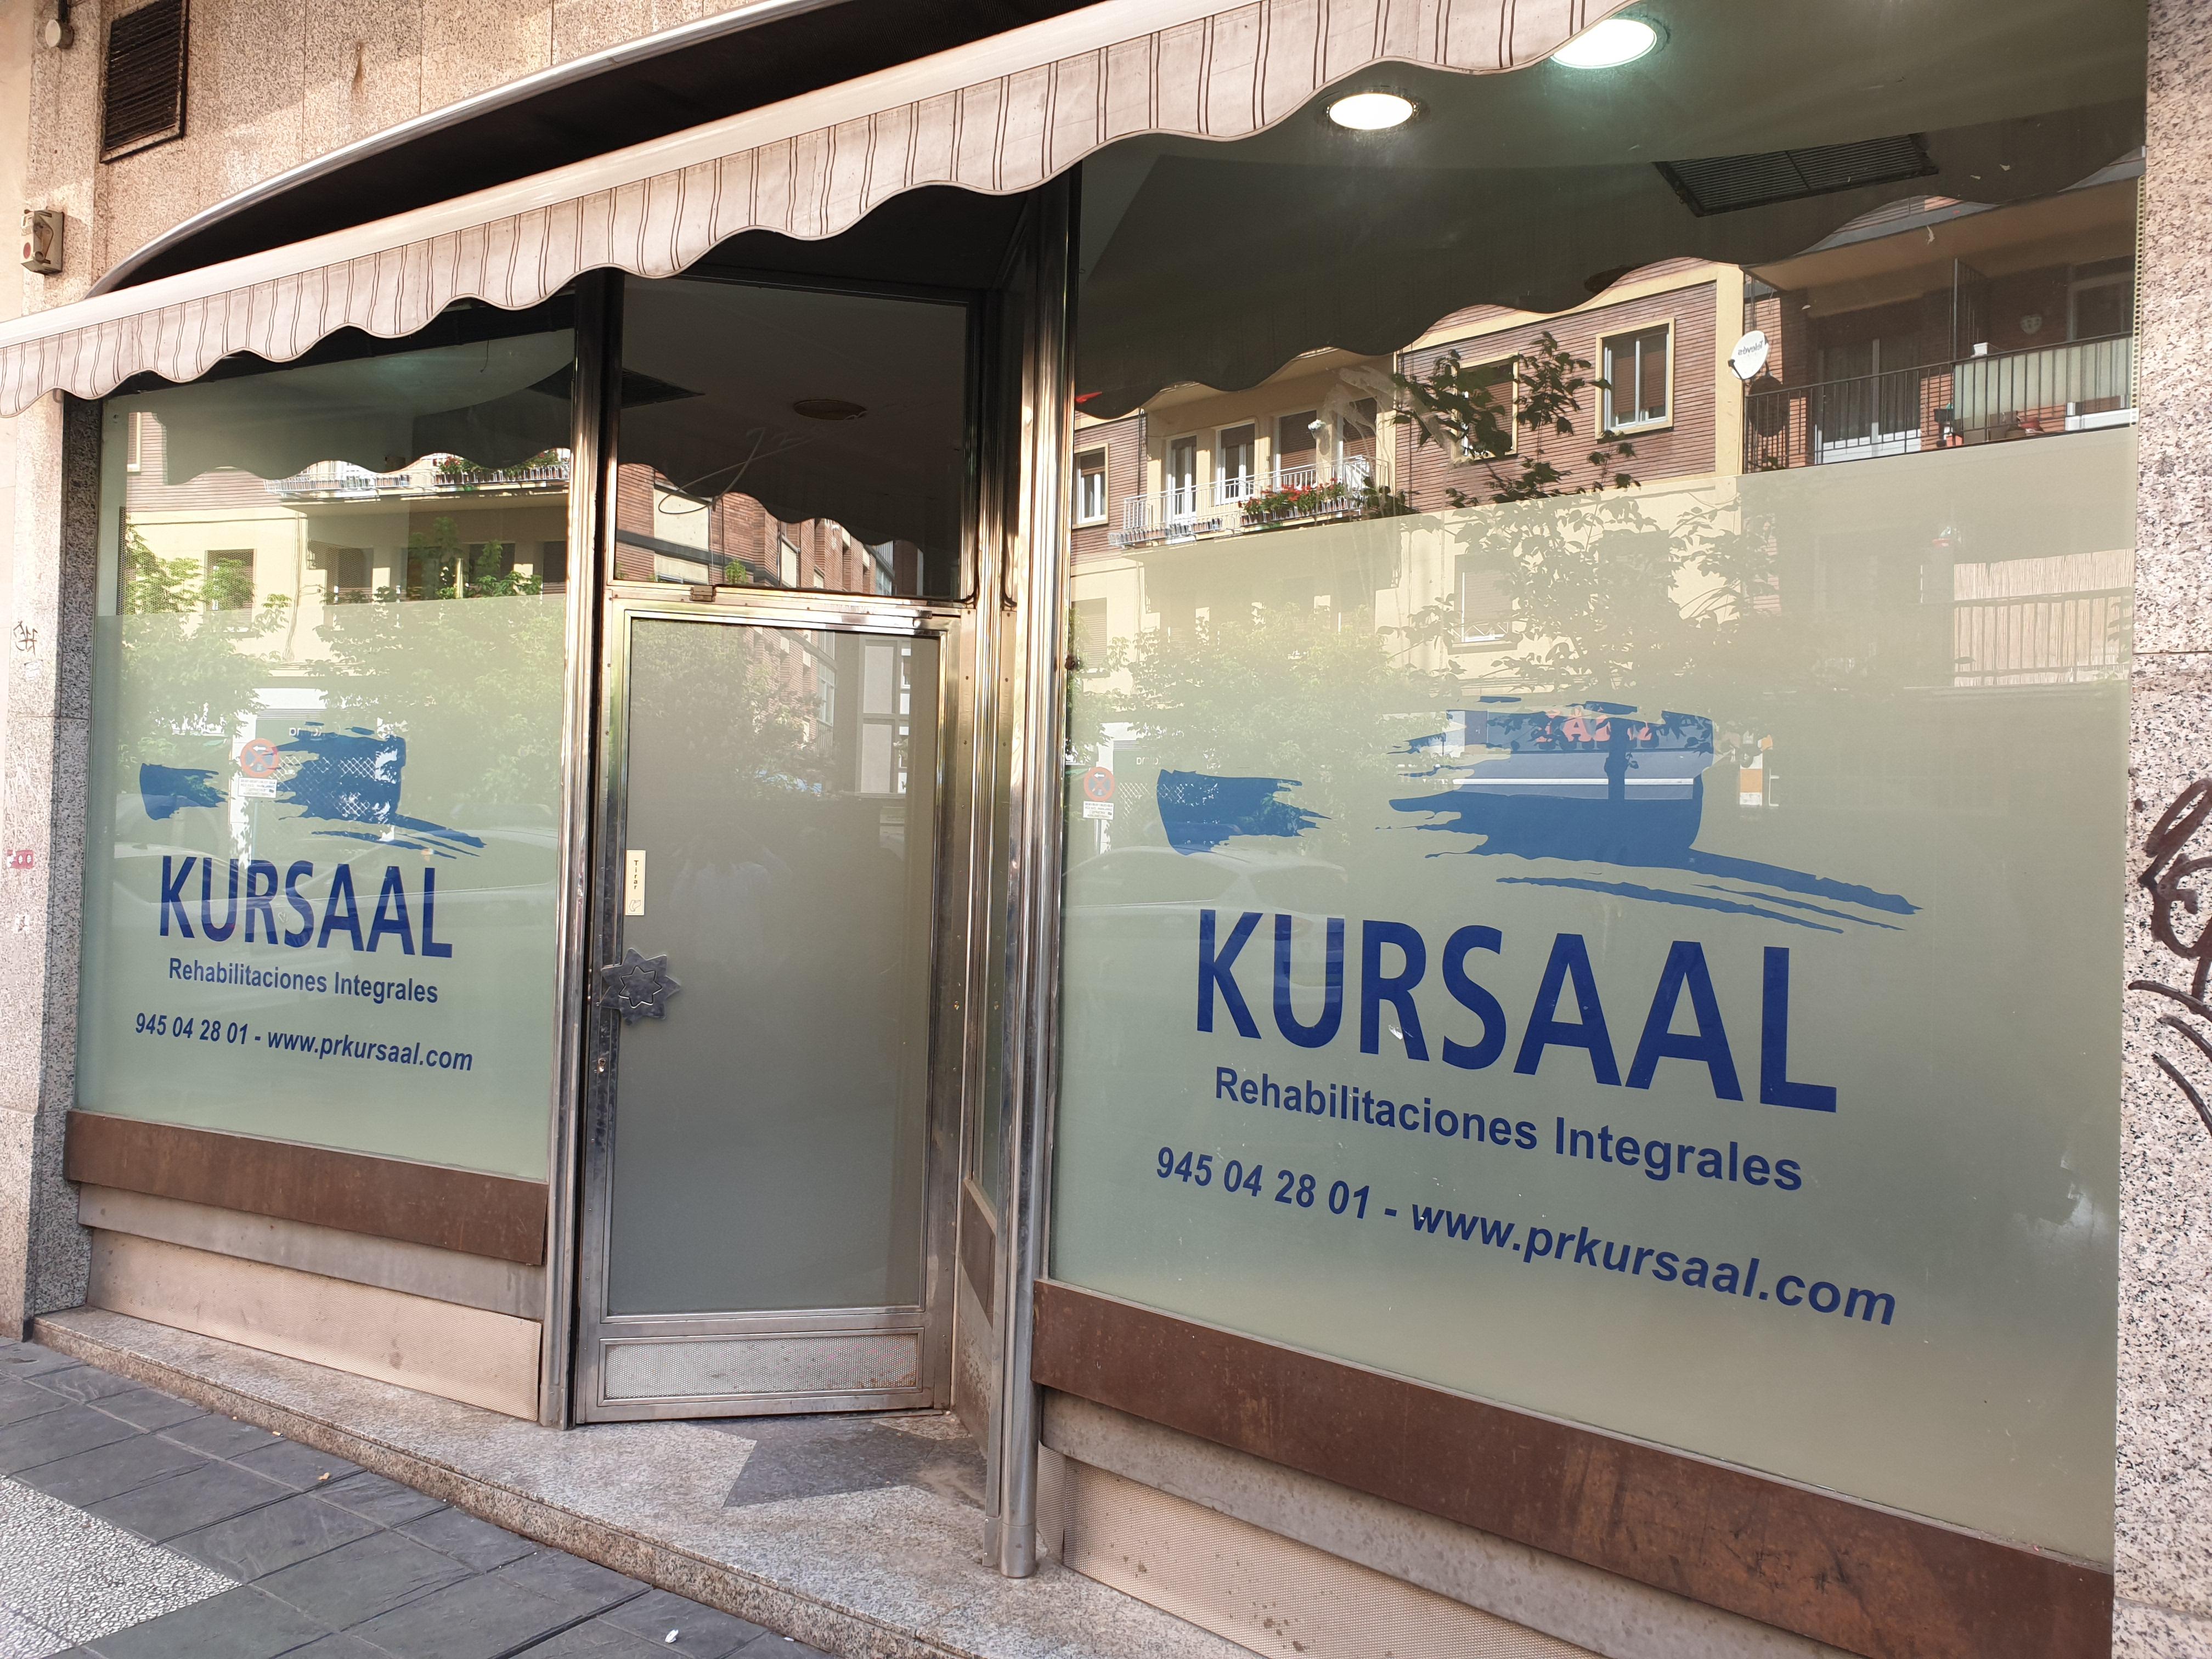 foto noticia: Abrimos nuevas oficinas en Vitoria-Gasteiz